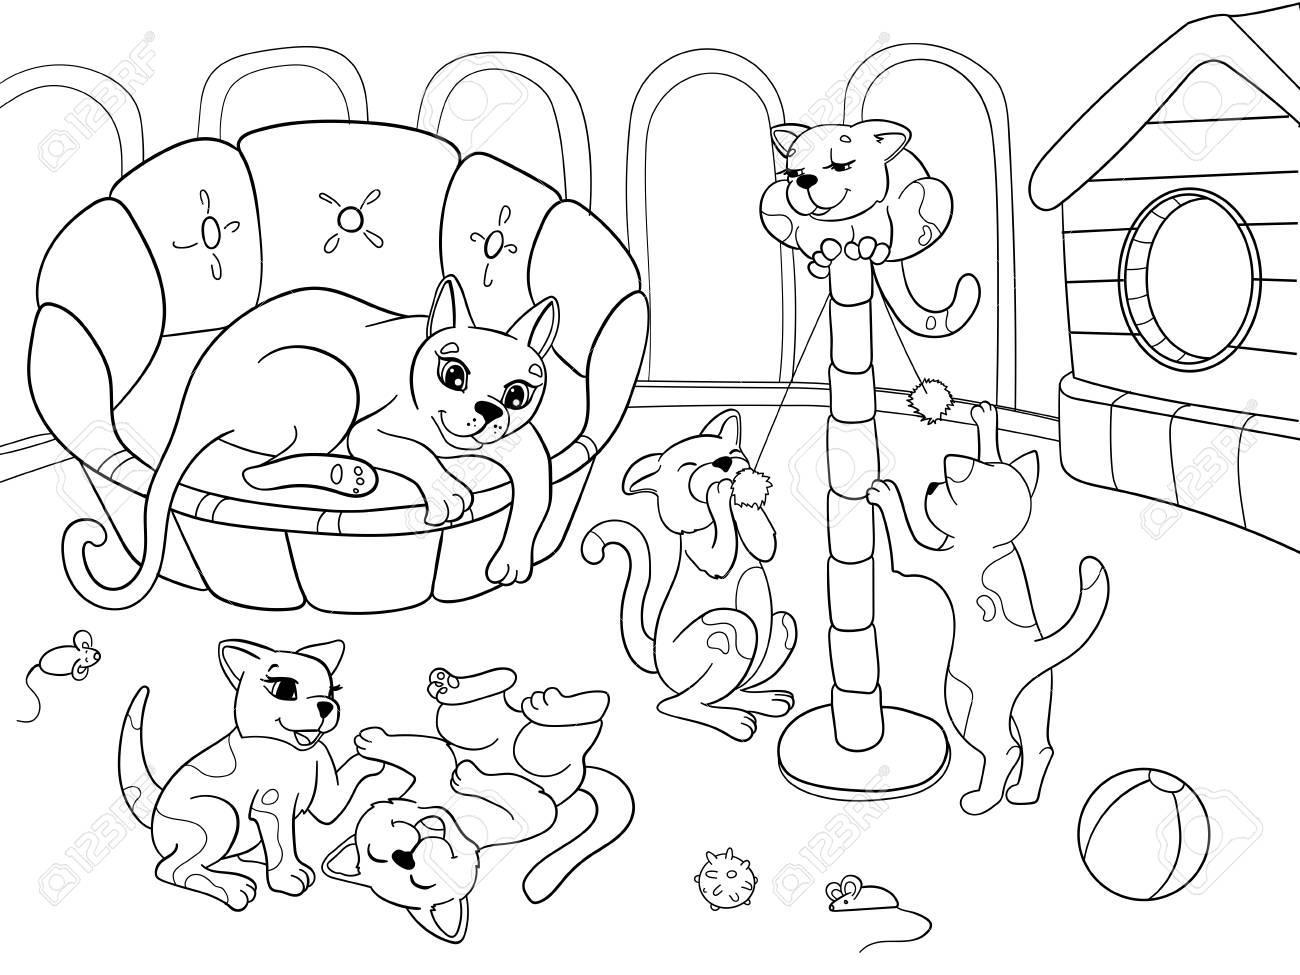 Раскраски котята, кошки, котики распечатать бесплатно, скачать